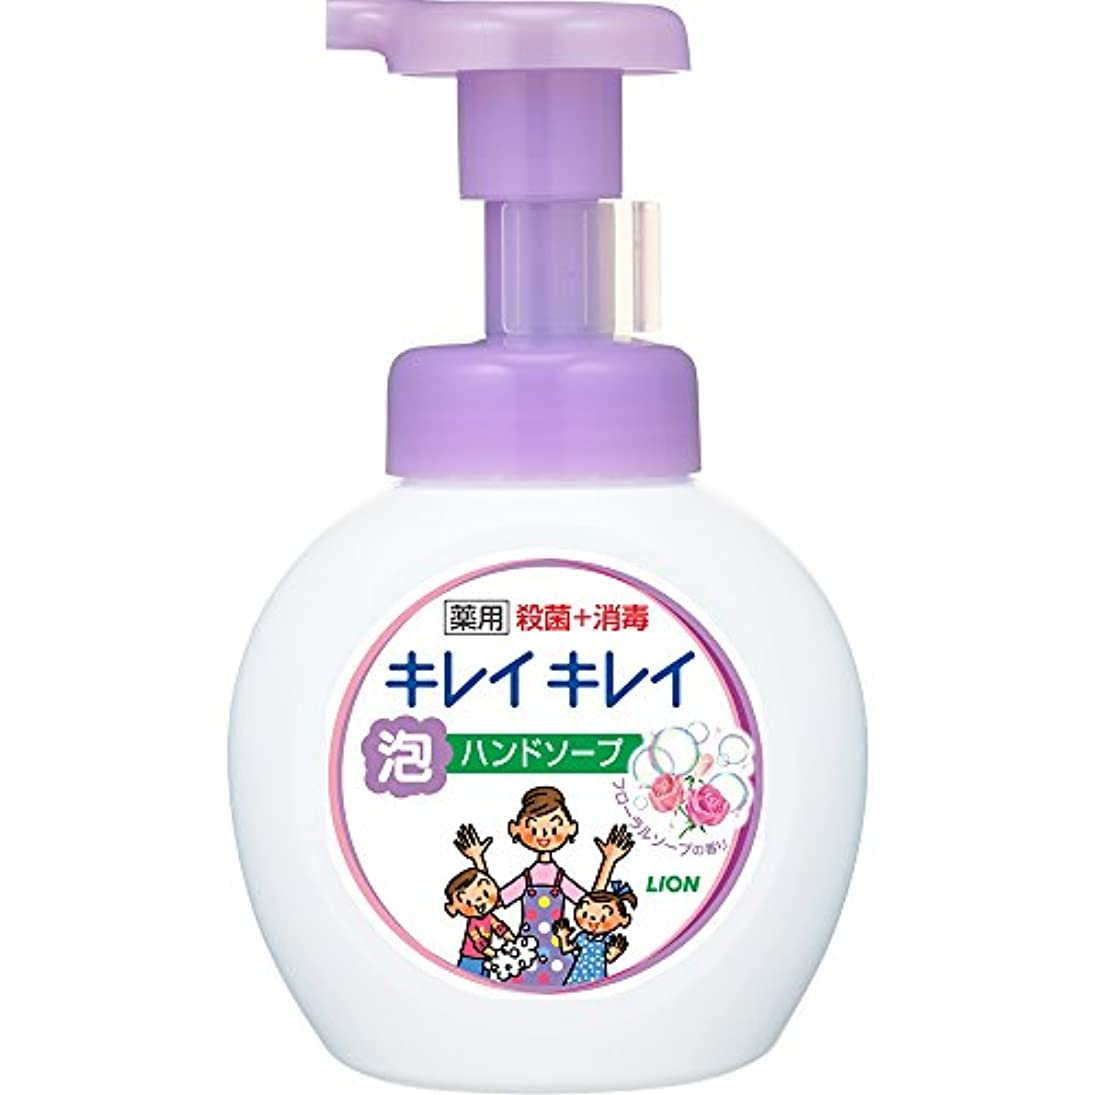 そっとウイルスこどもの宮殿キレイキレイ 薬用 泡ハンドソープ フローラルソープの香り 本体ポンプ 250ml(医薬部外品)